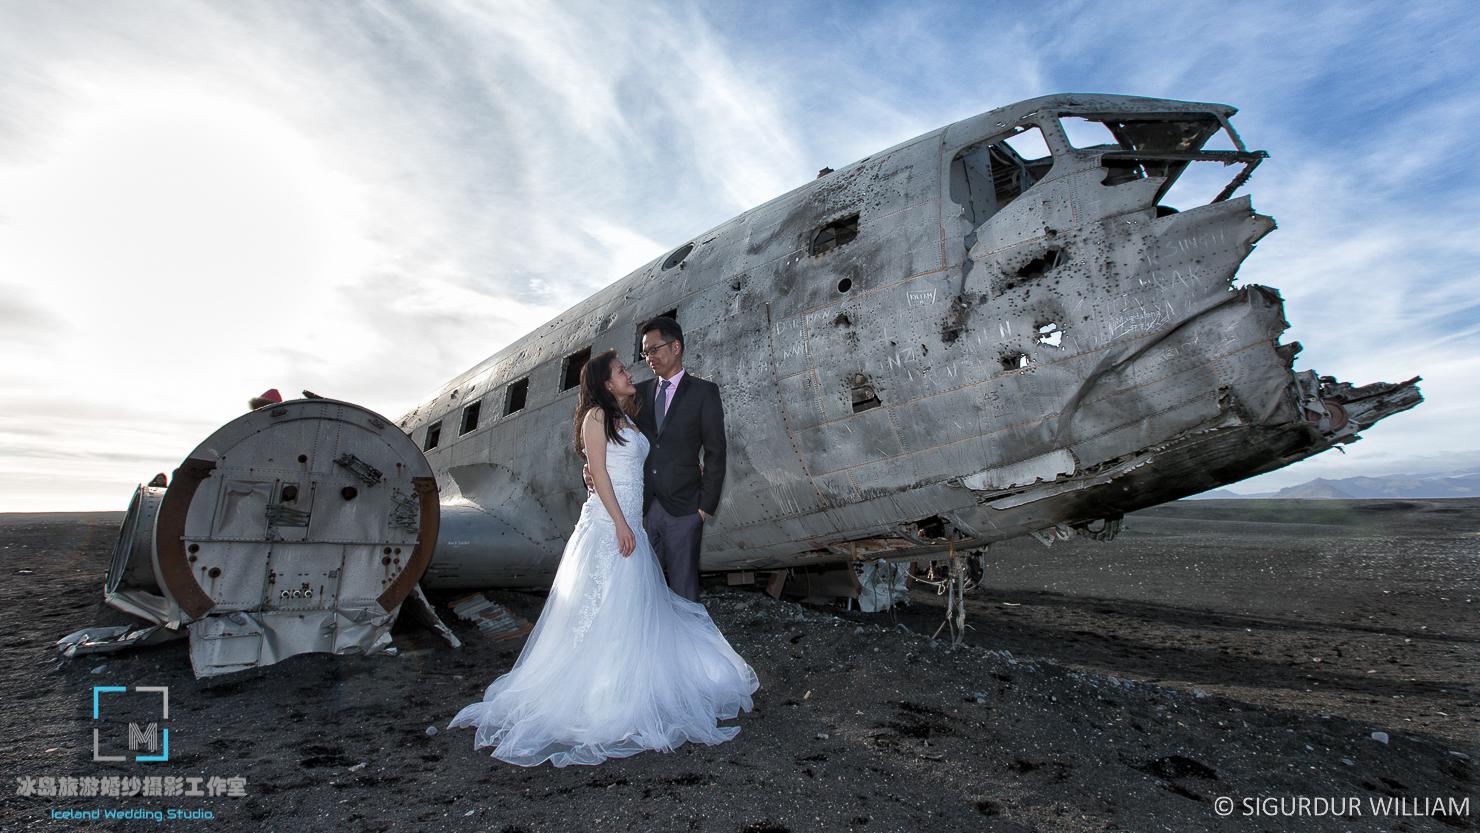 南部飞机残骸,冰岛婚纱摄影专家